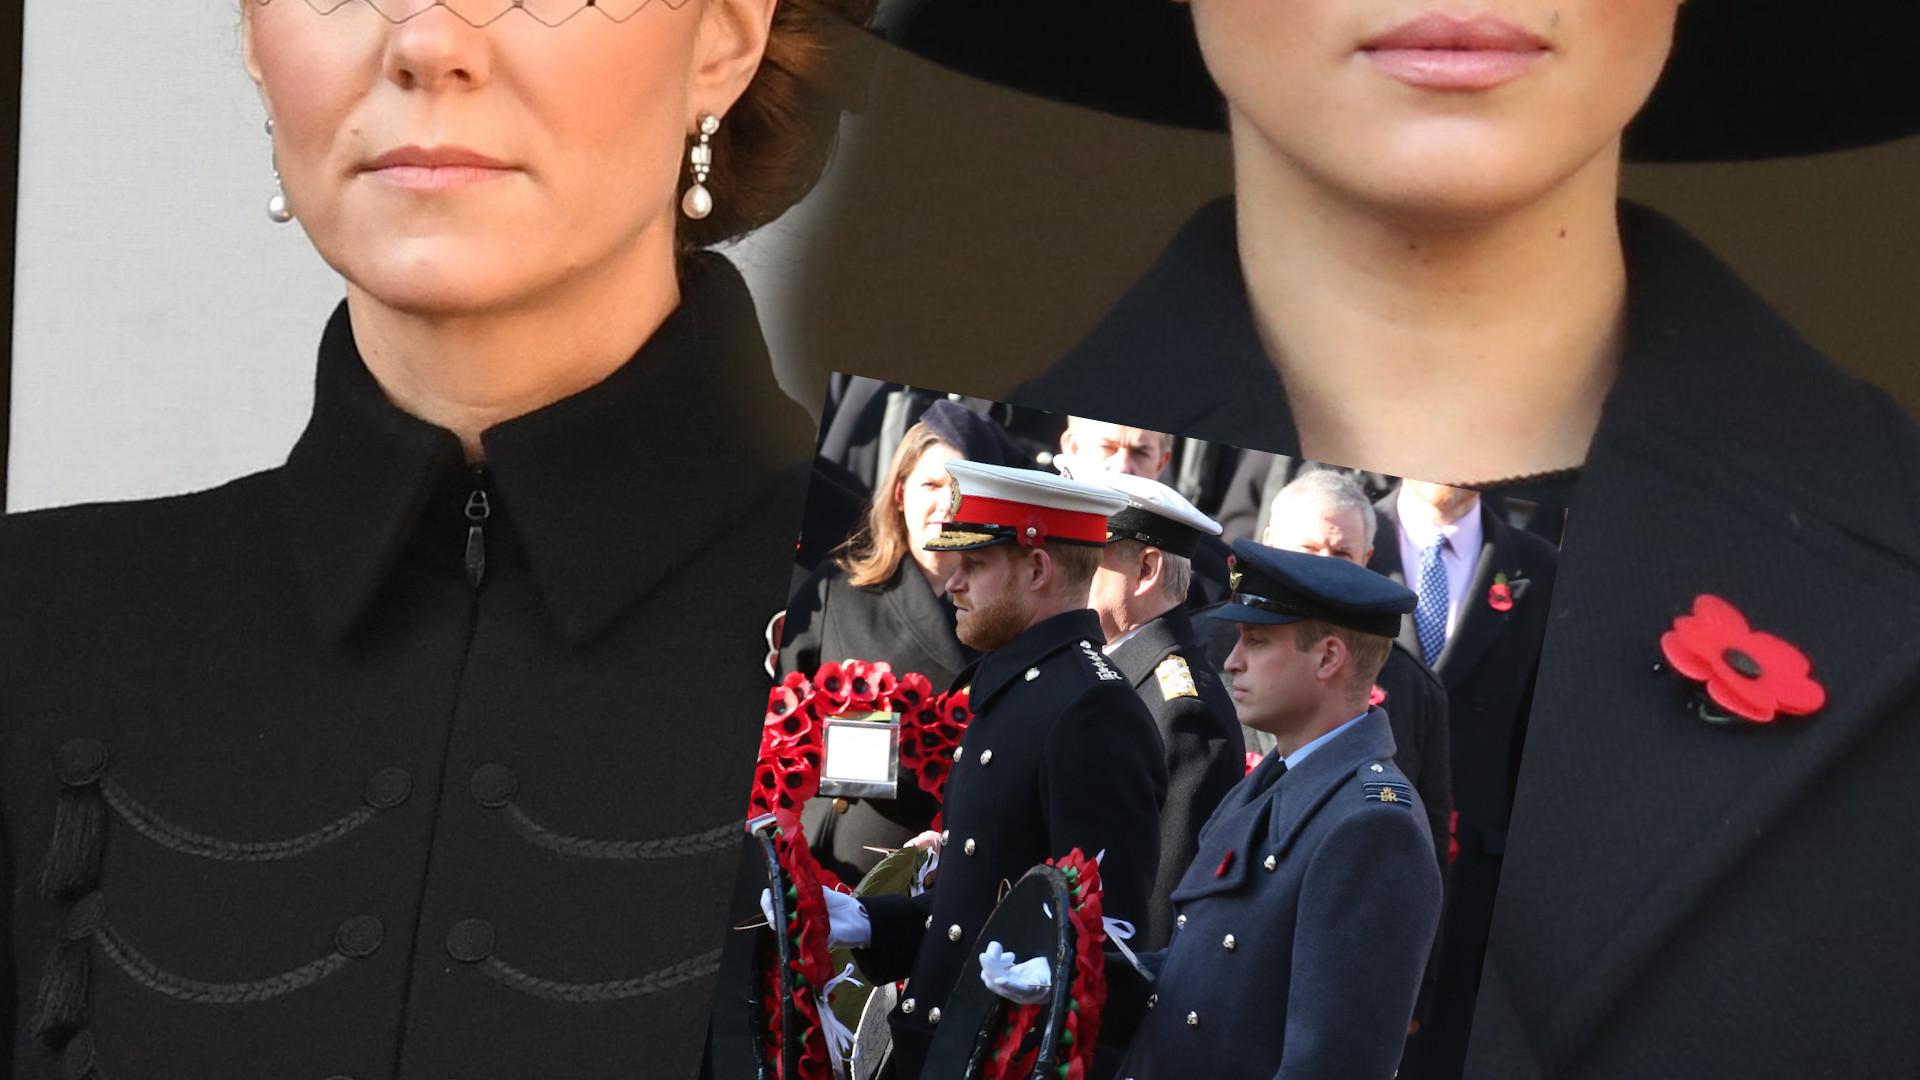 Meghan i Kate znowu razem wystąpiły – jedna w kapeluszu, druga w toczku. Której udała się stylizacja?